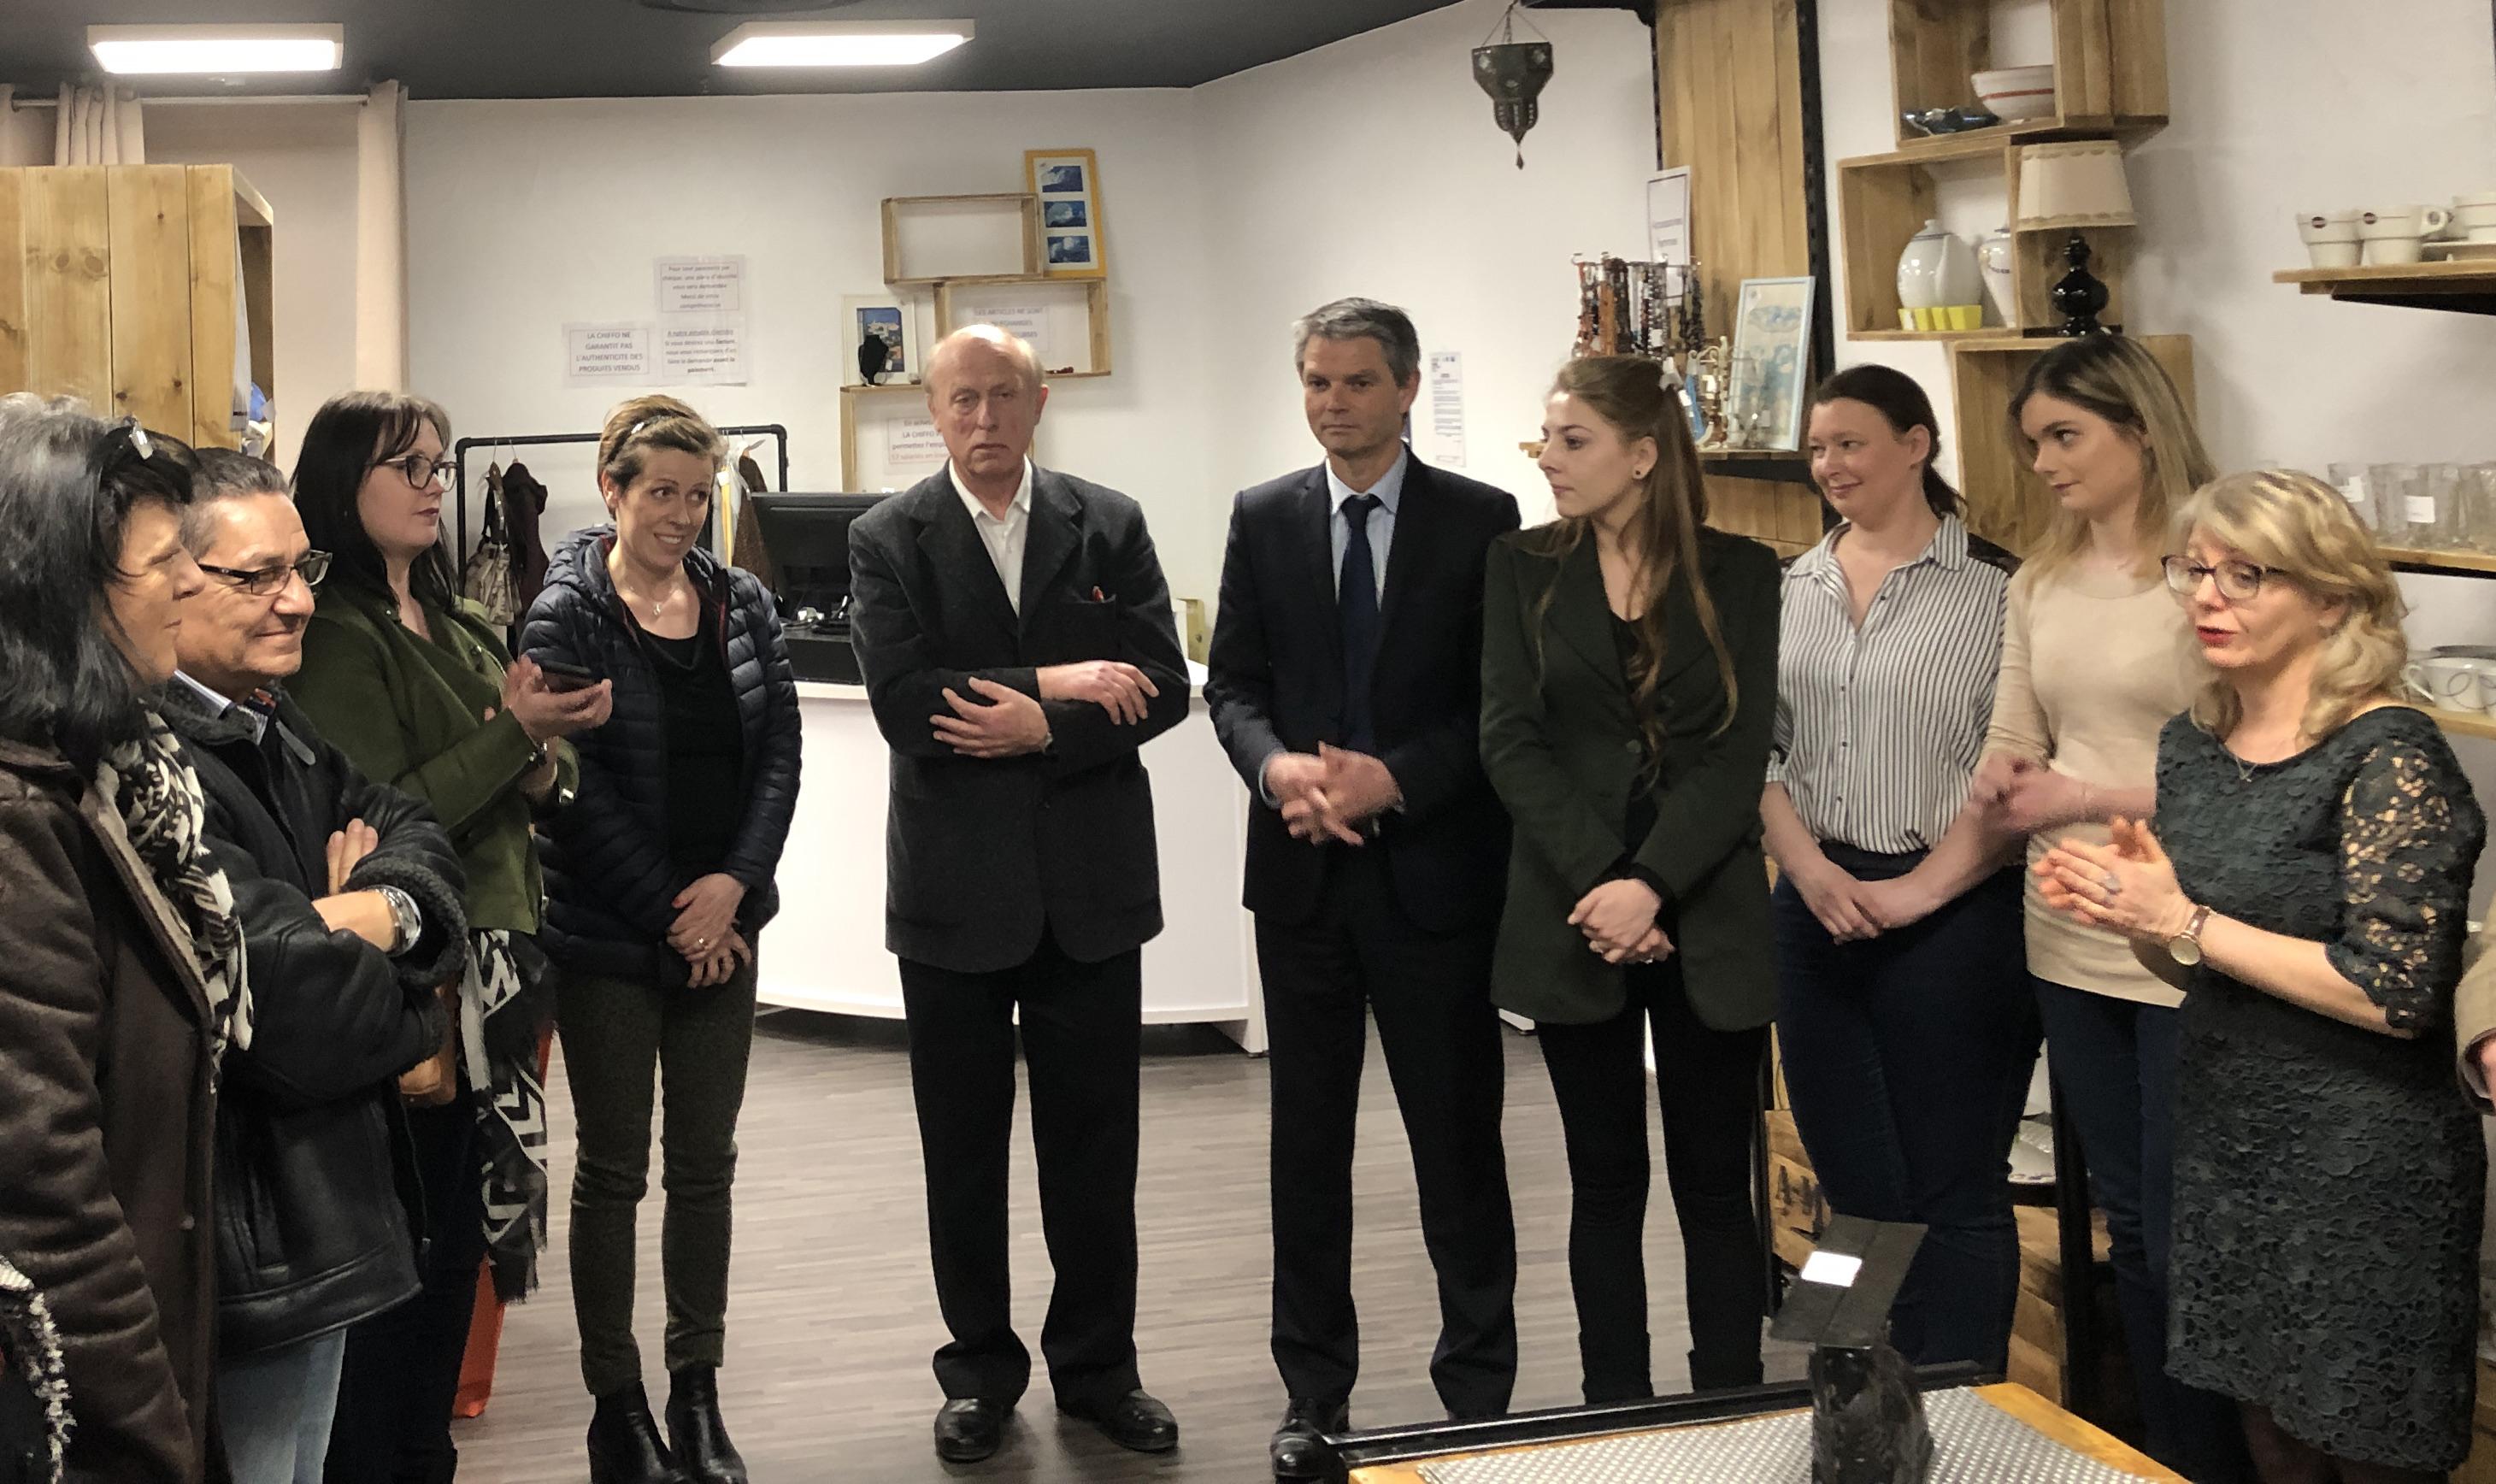 2019 03 08 inauguration de la boutique La Chiffo BIS à Hérouville Saint Clair web (13)